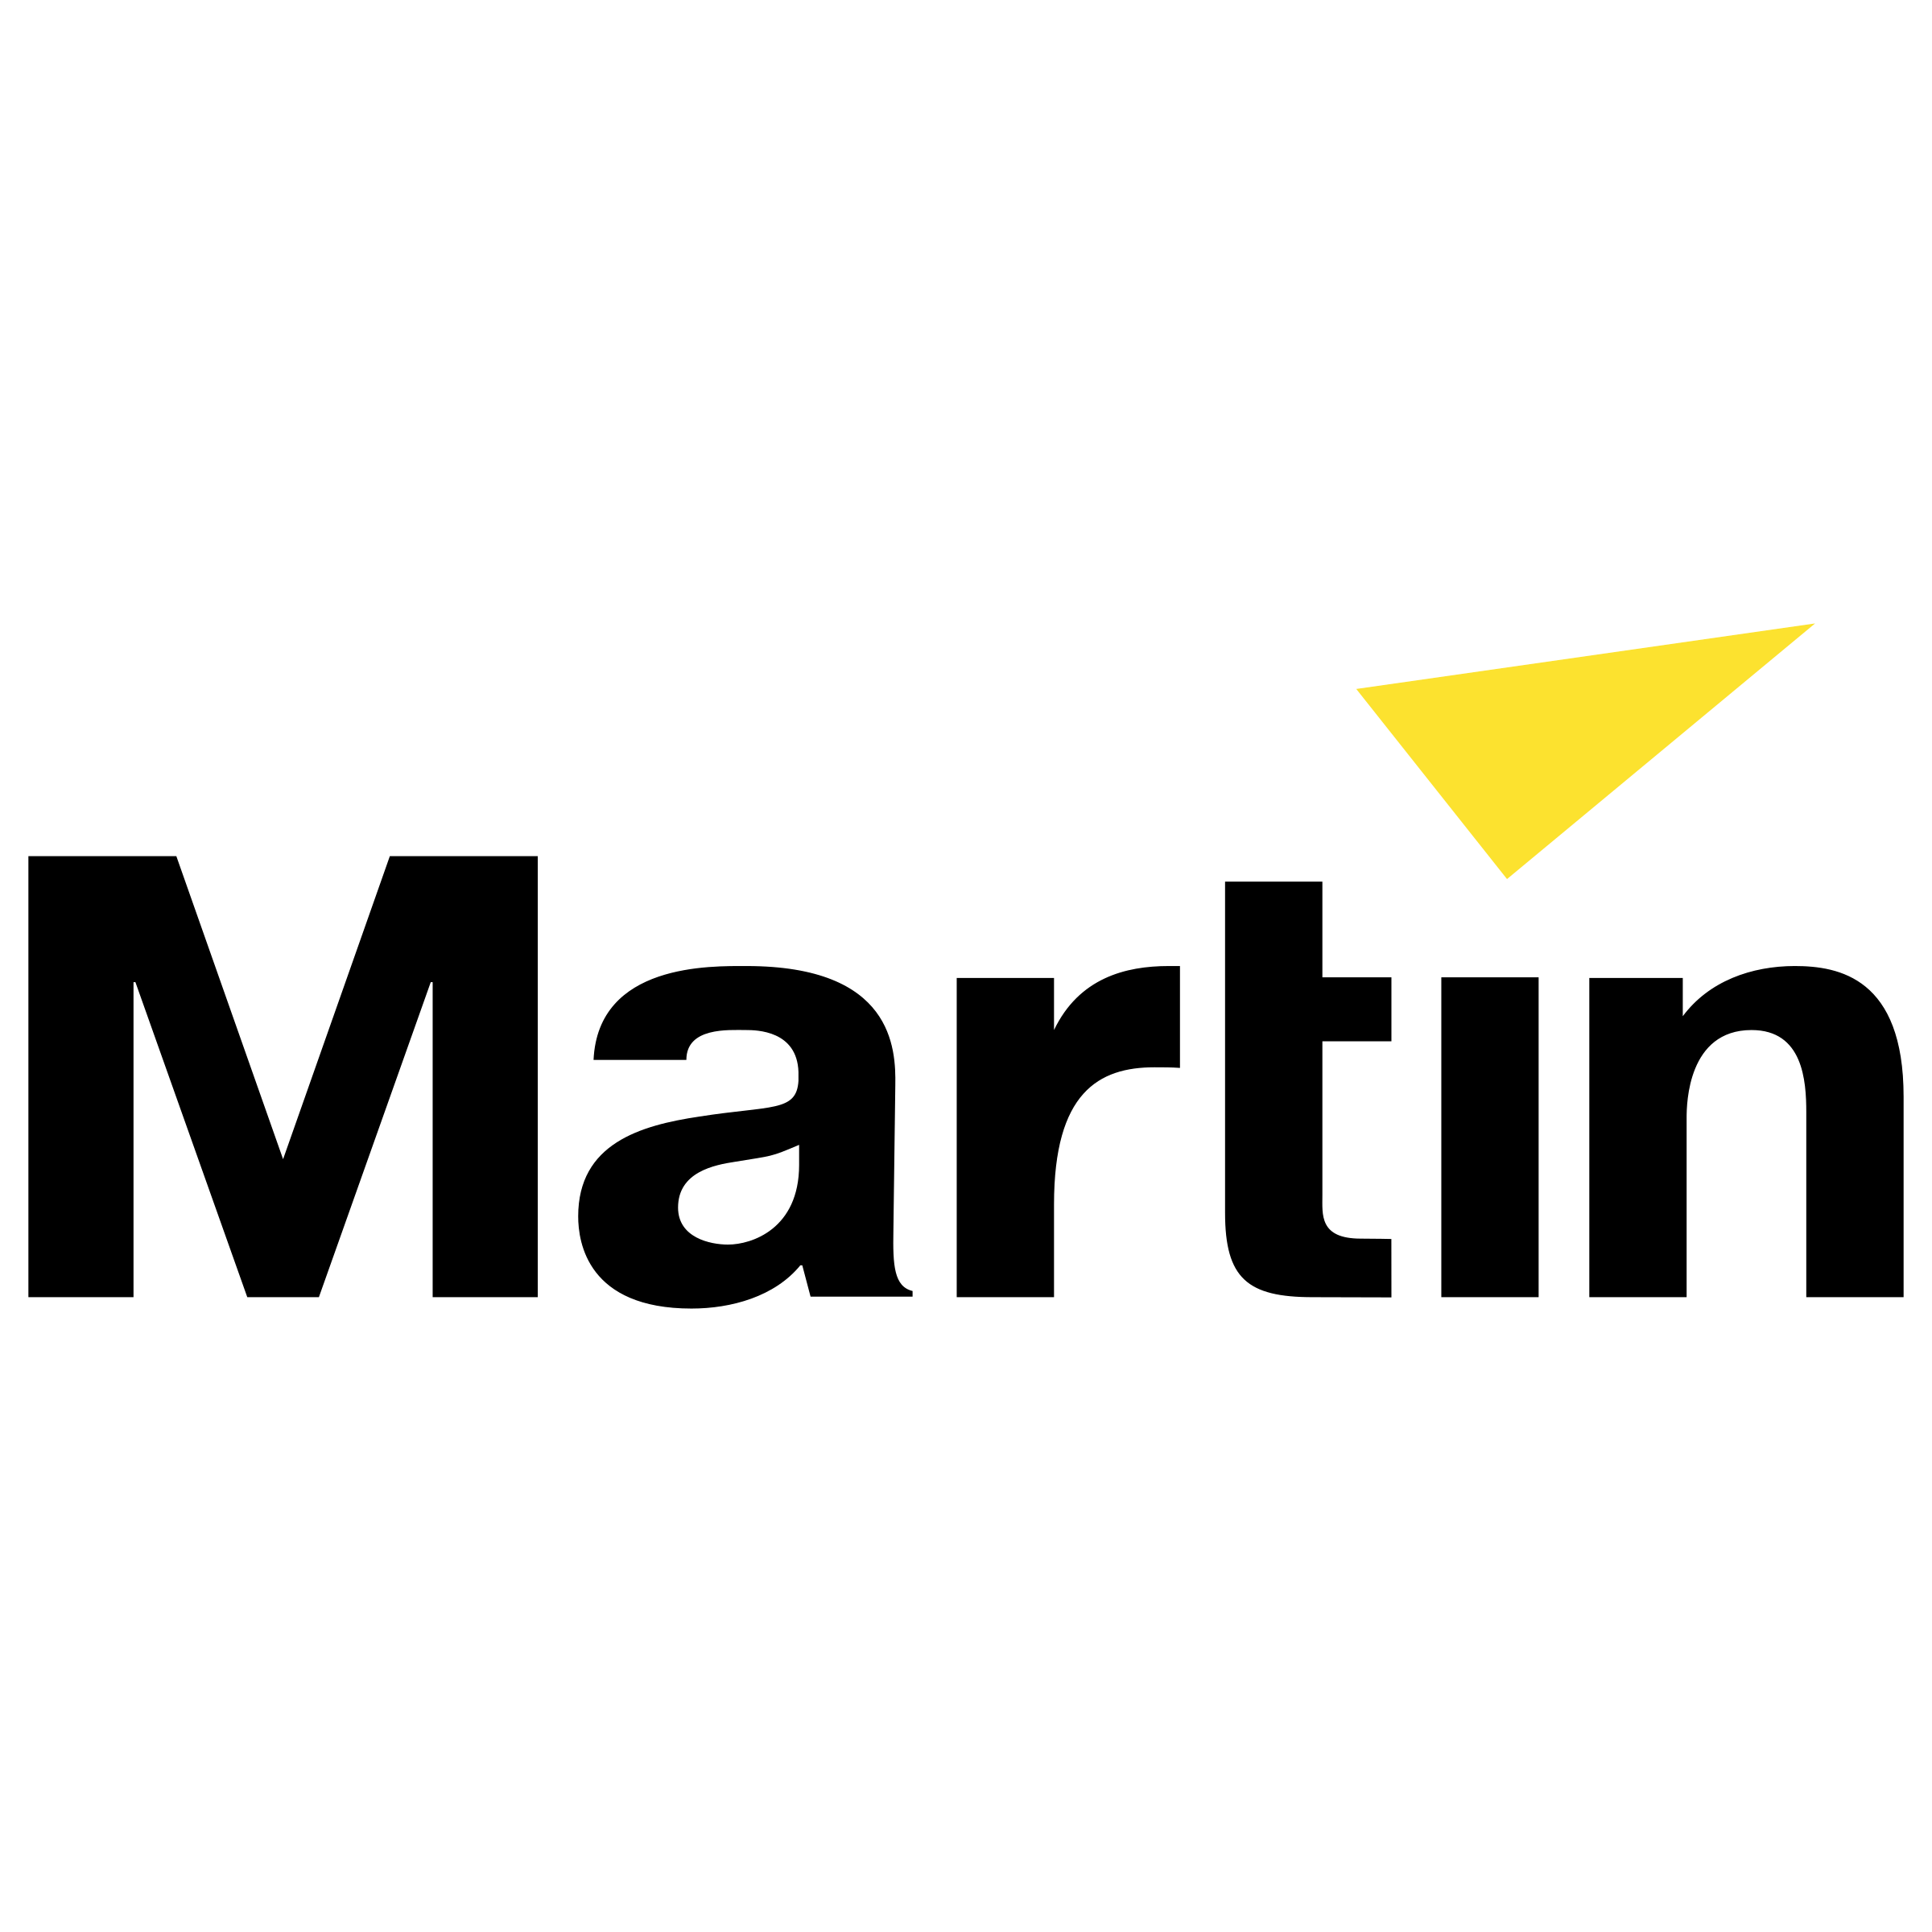 https://0201.nccdn.net/1_2/000/000/169/67a/martin-4-logo-png-transparent-2400x2400.png